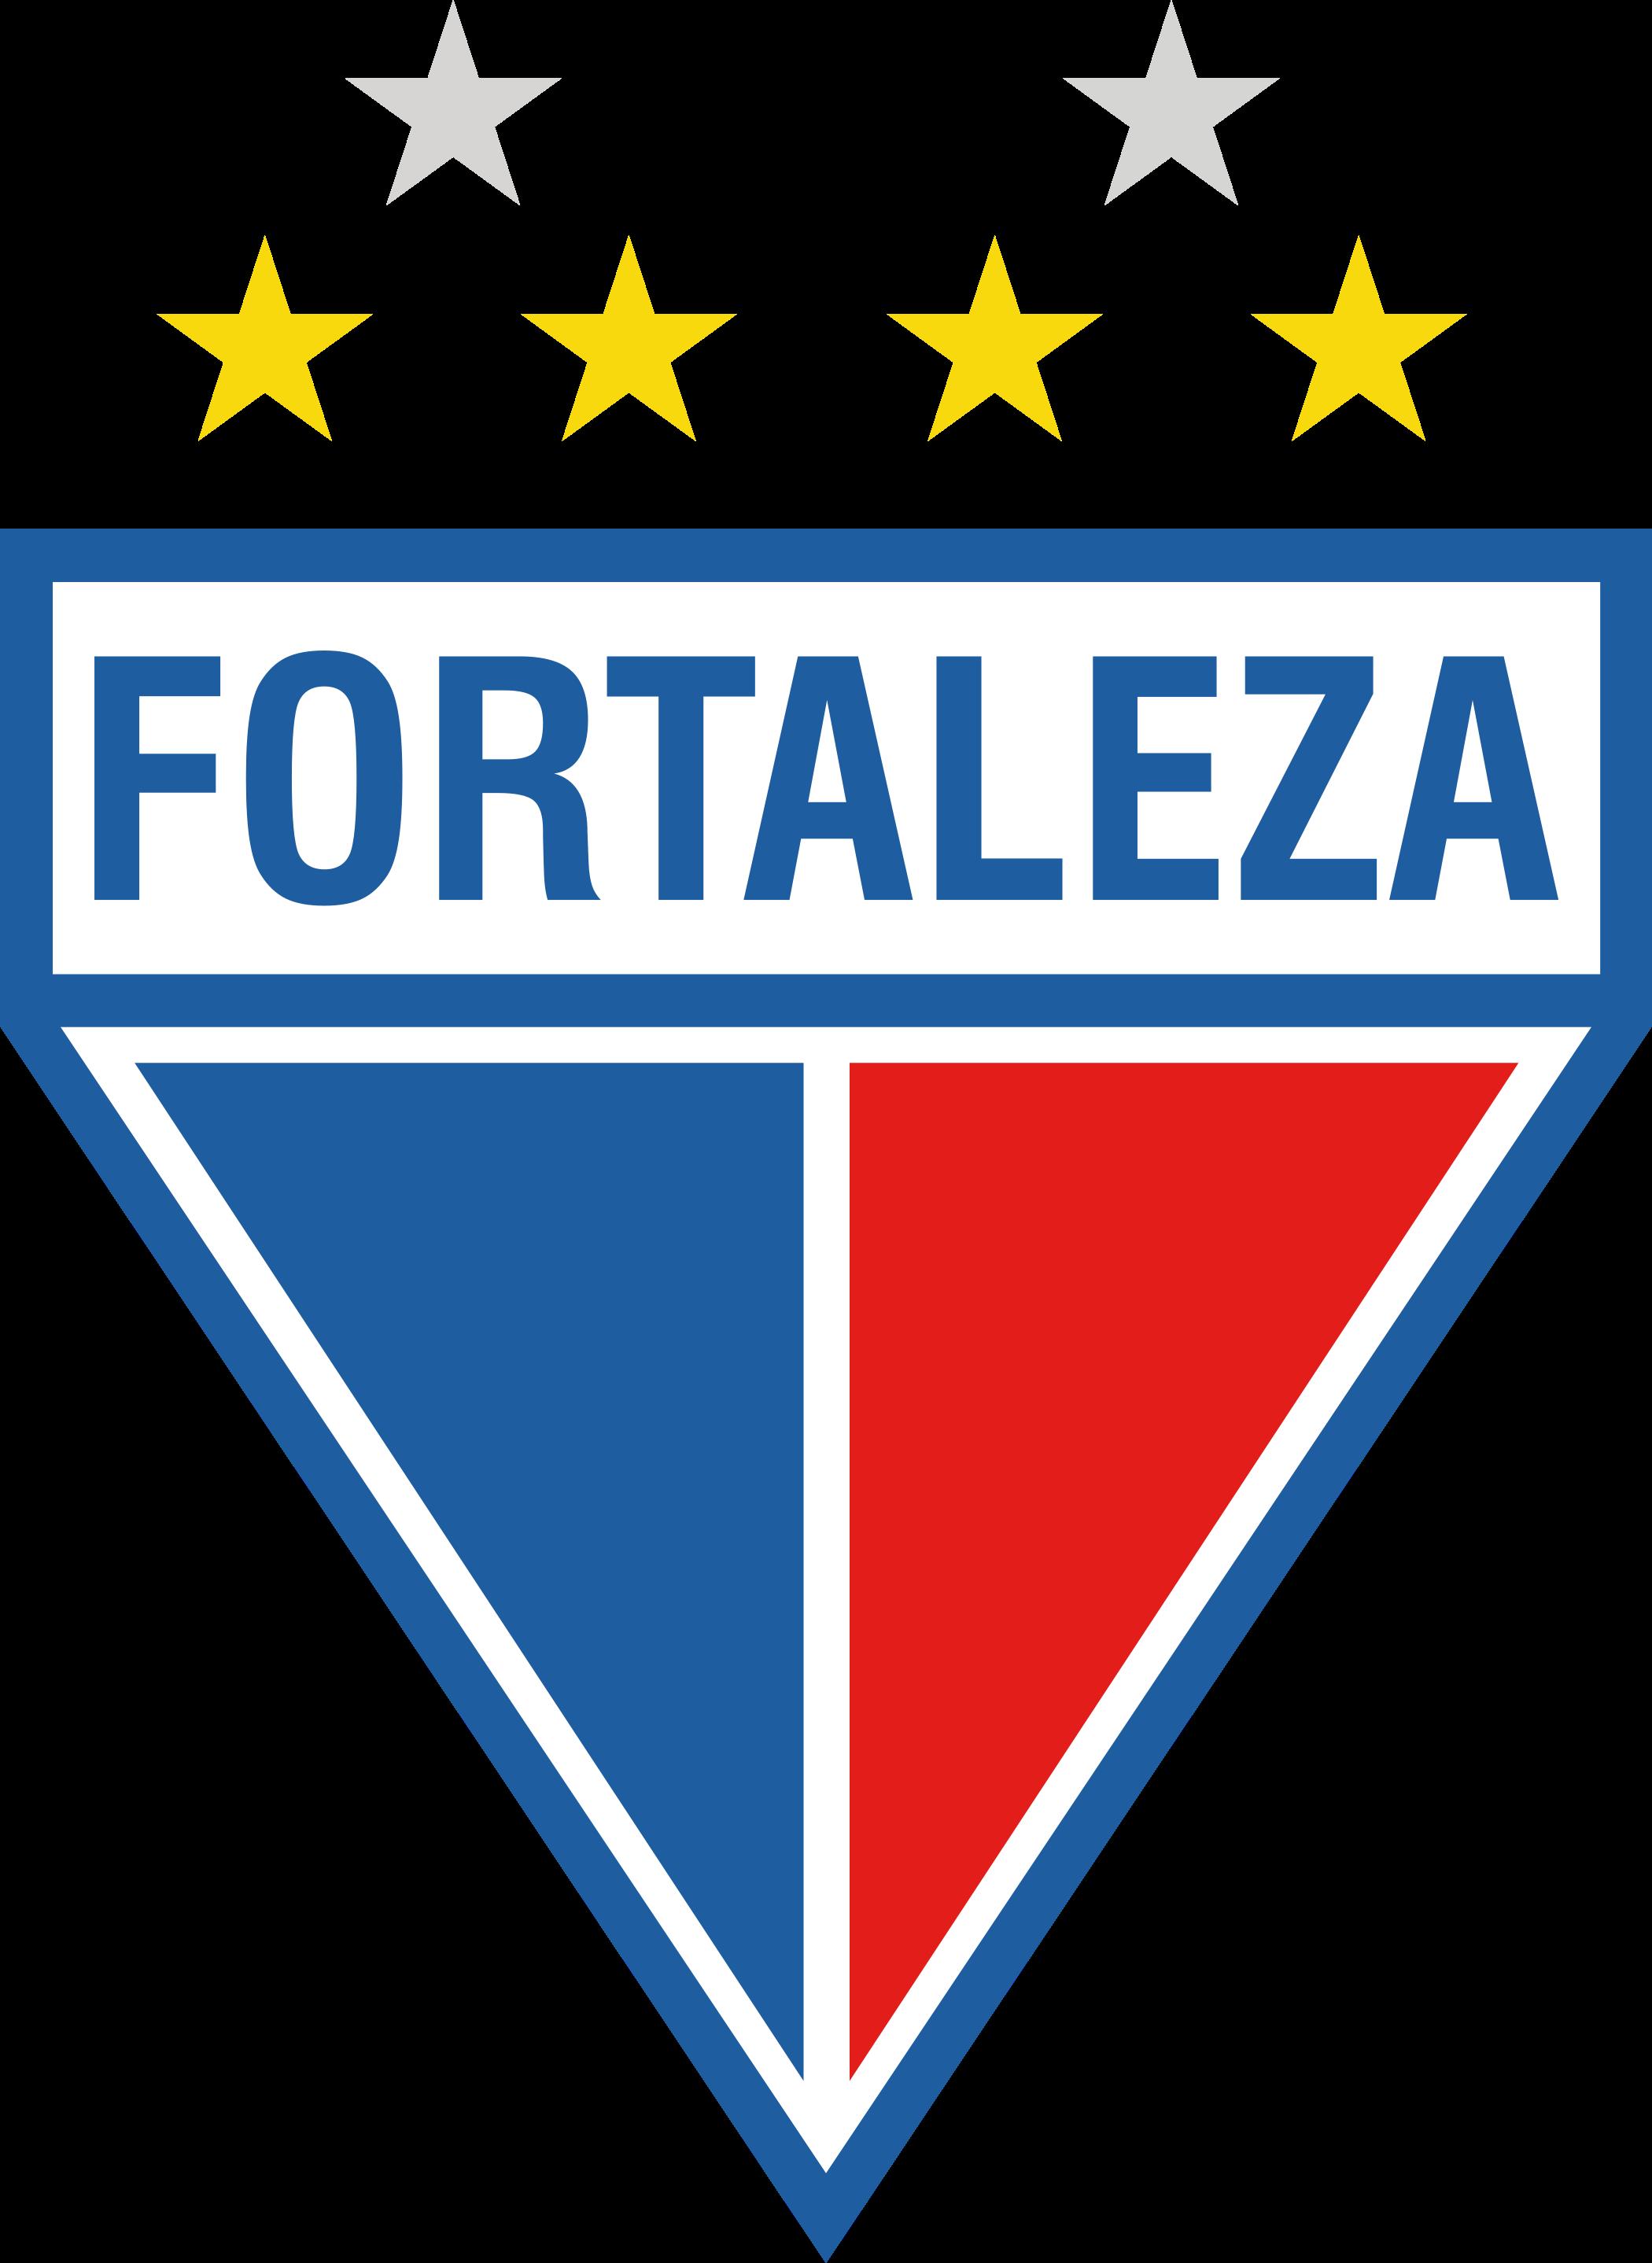 fortaleza ec logo escudo 1 - Fortaleza Esporte Clube Logo